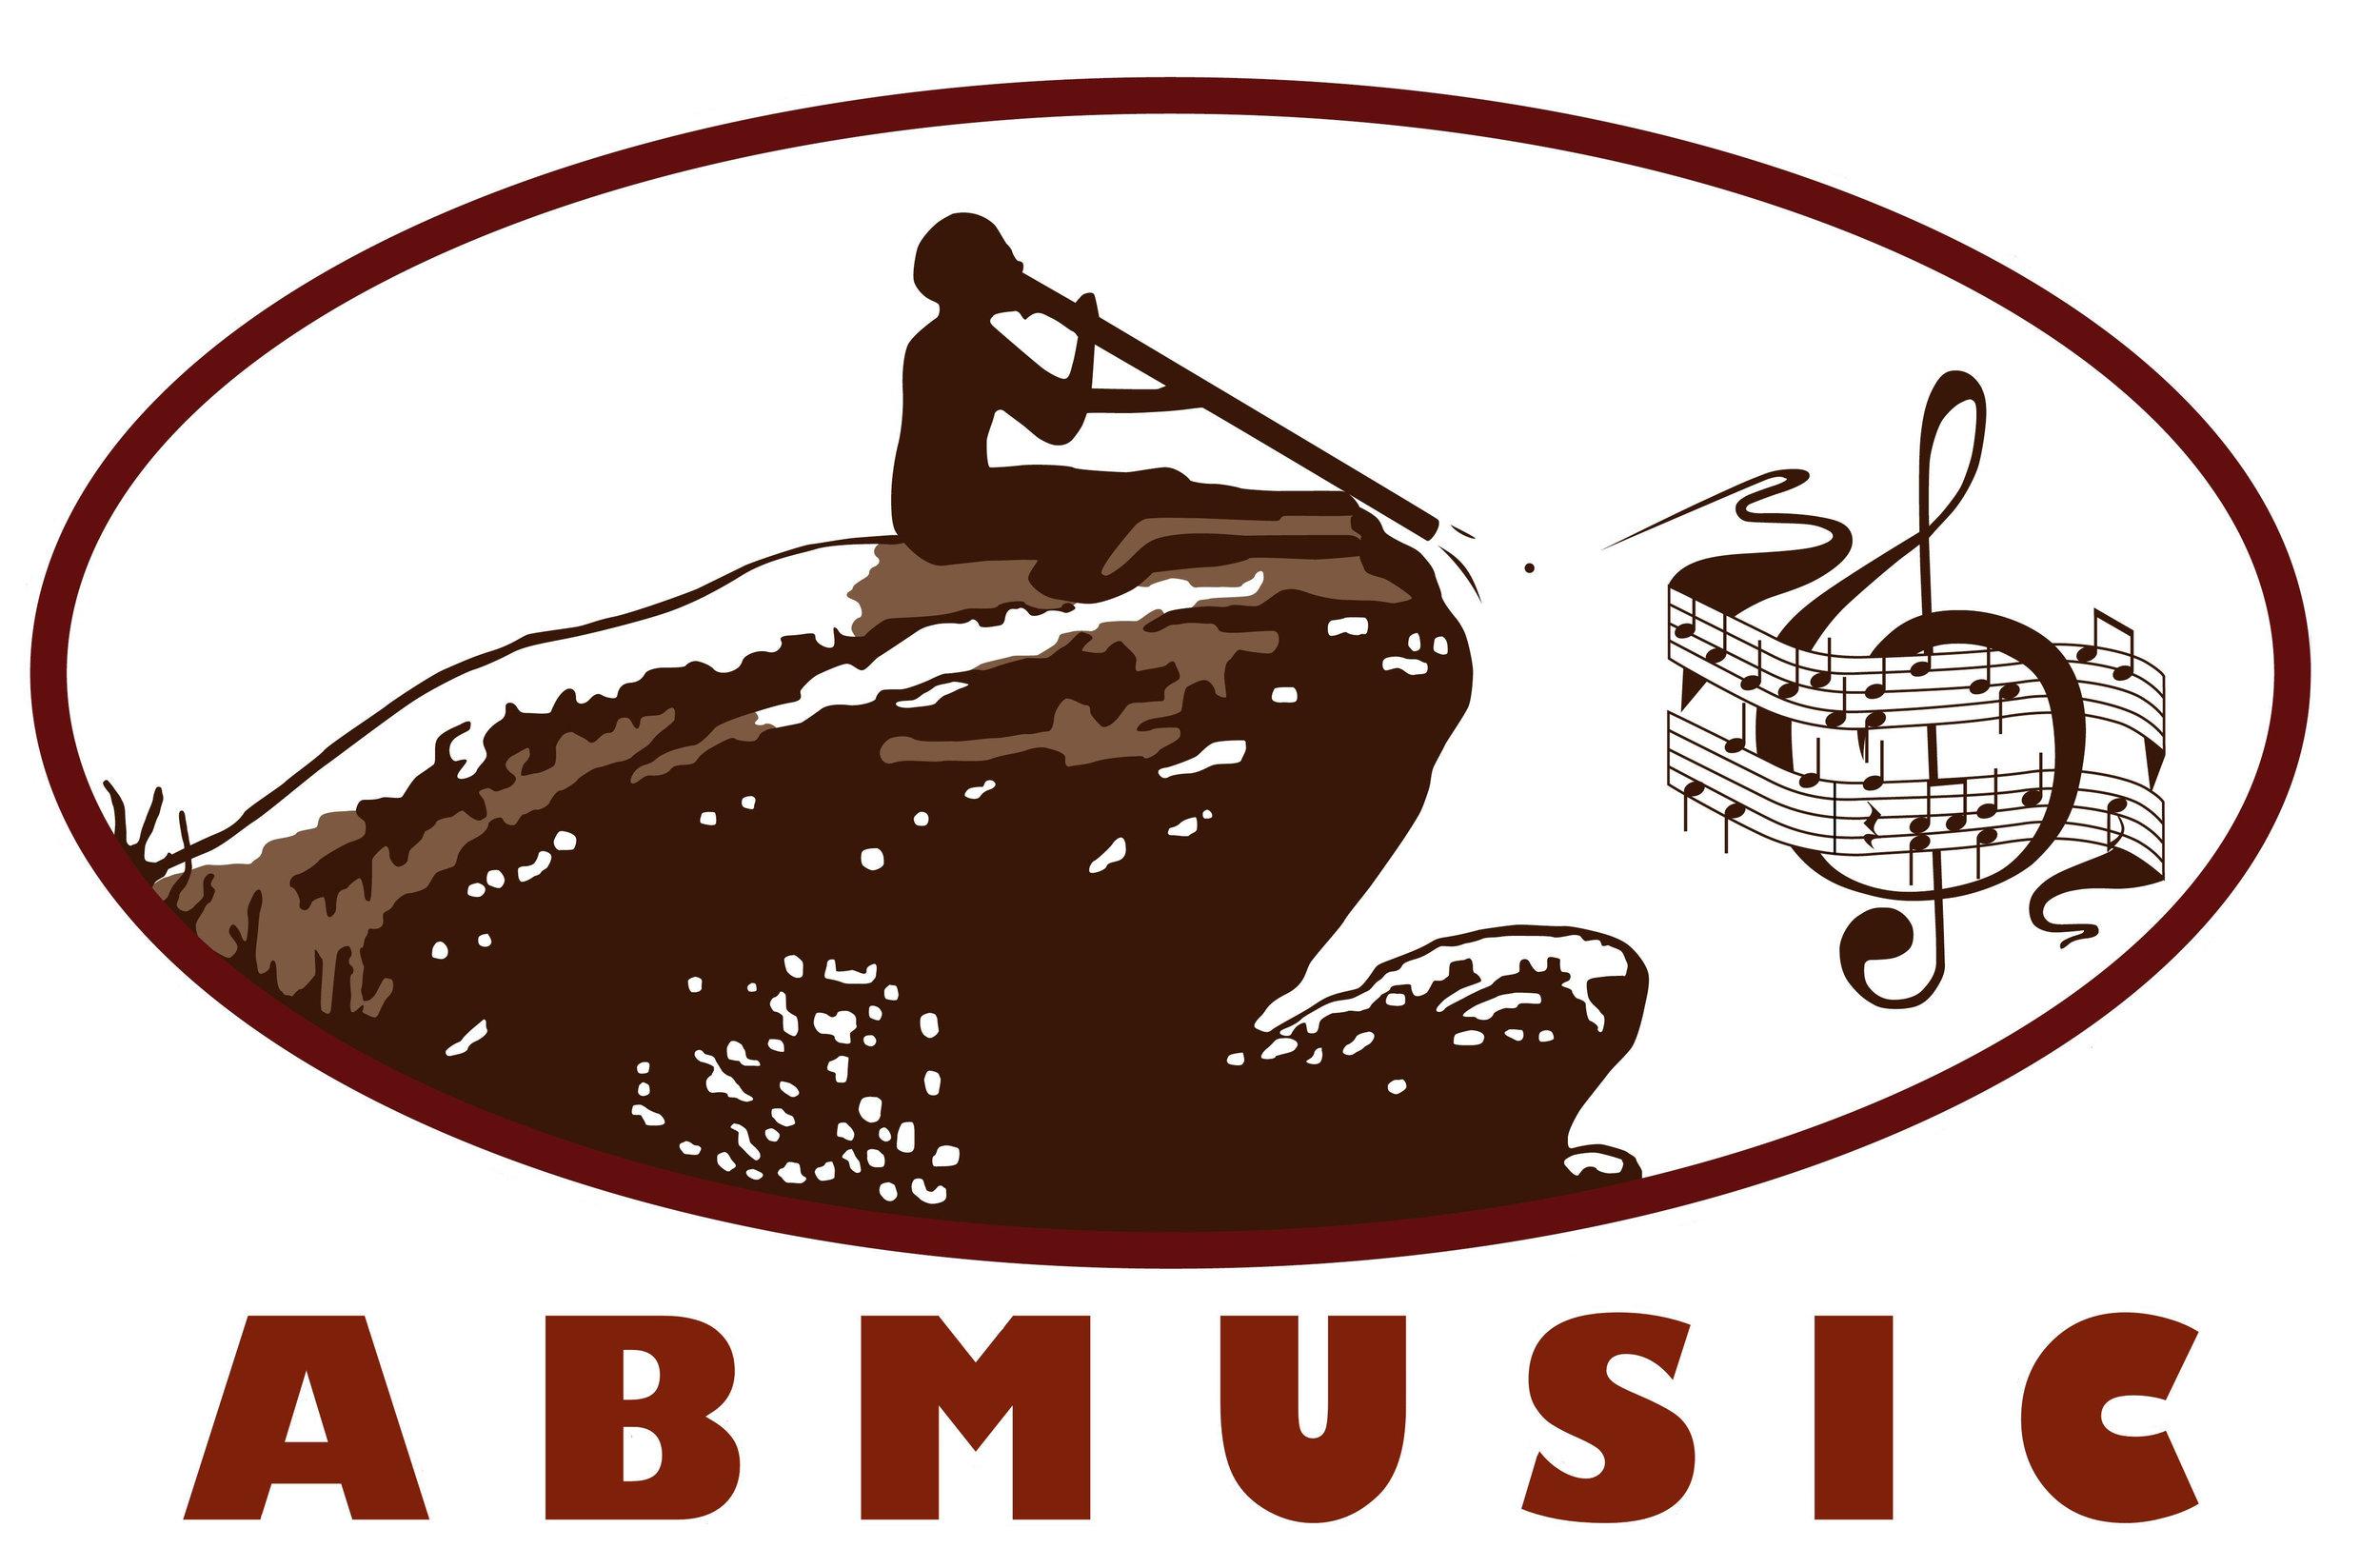 abmusic logo.jpg